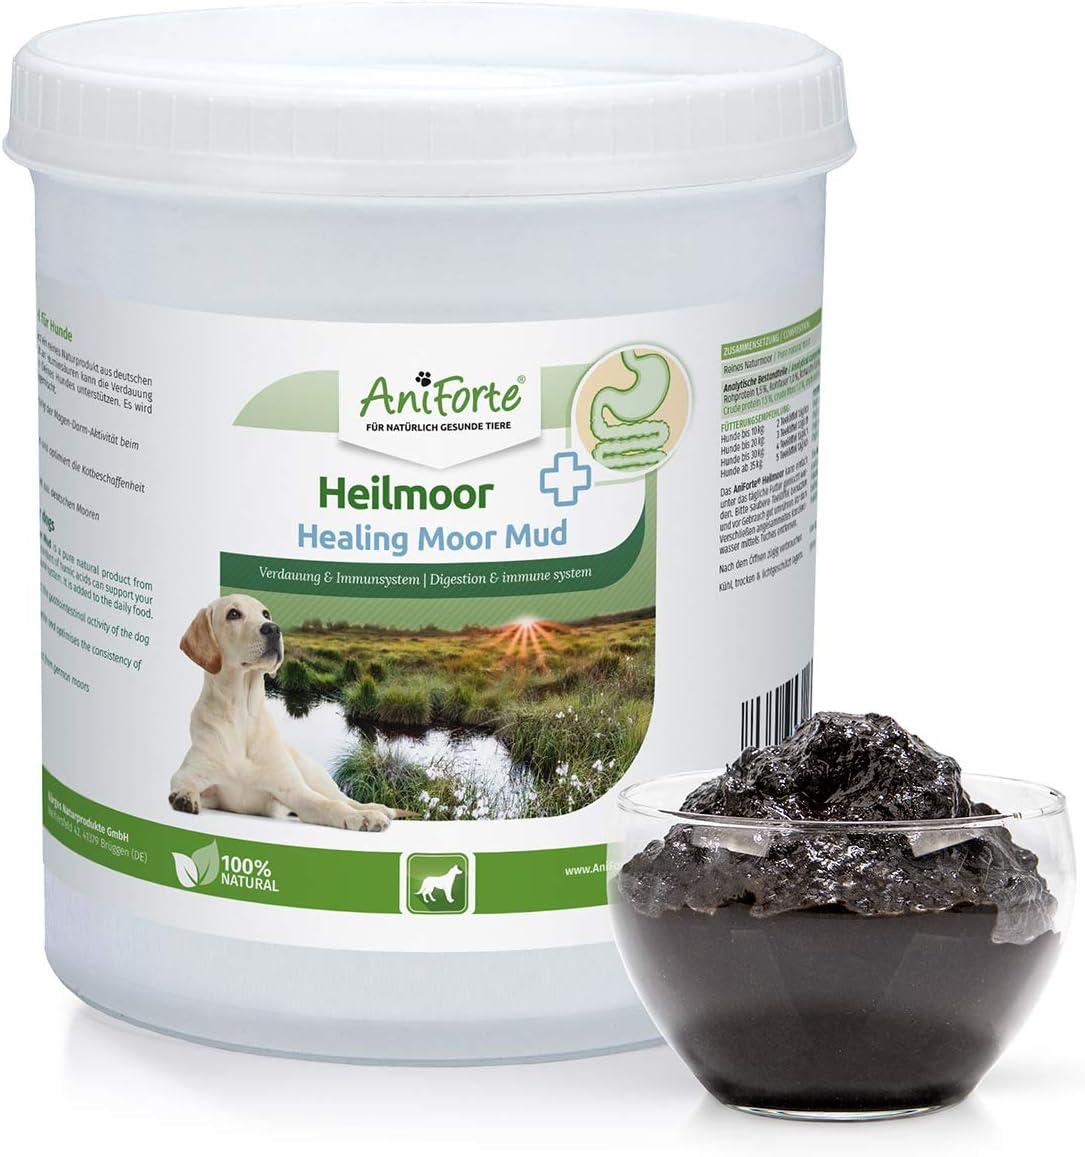 AniForte Heilmoor für Hunde